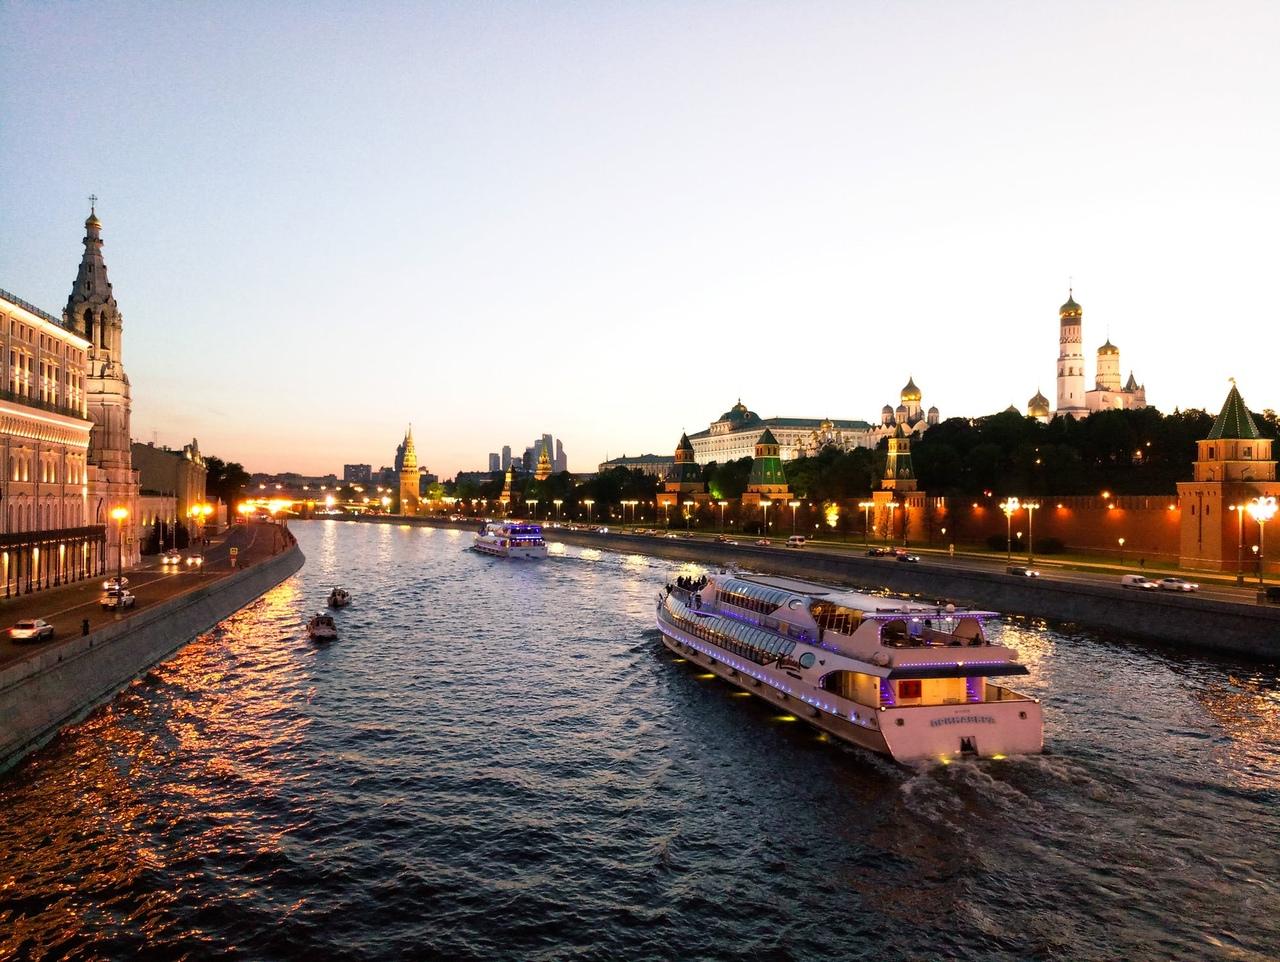 Вера Смирнова, Москва - фото №1